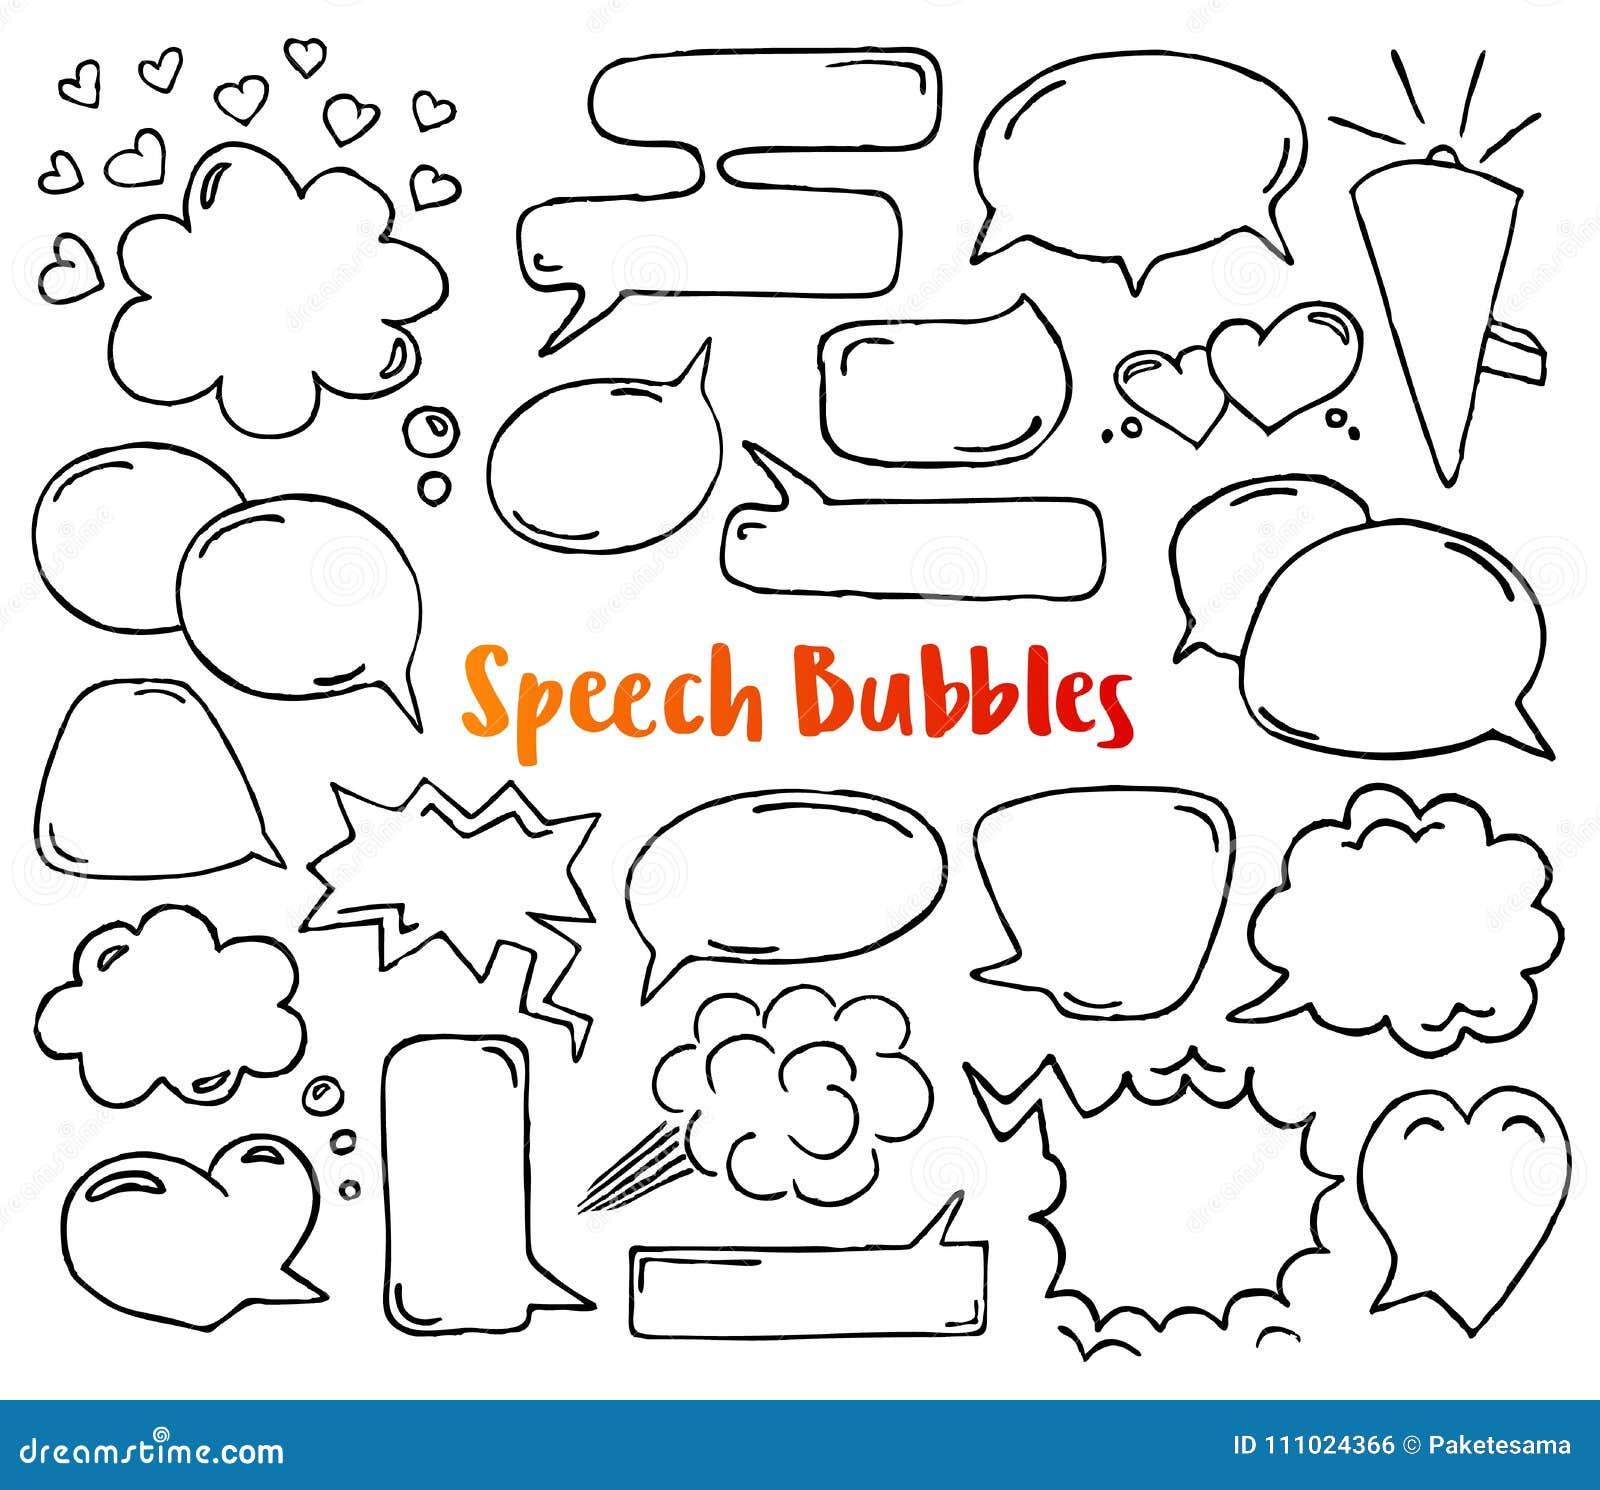 Entregue bolhas desenhadas do discurso